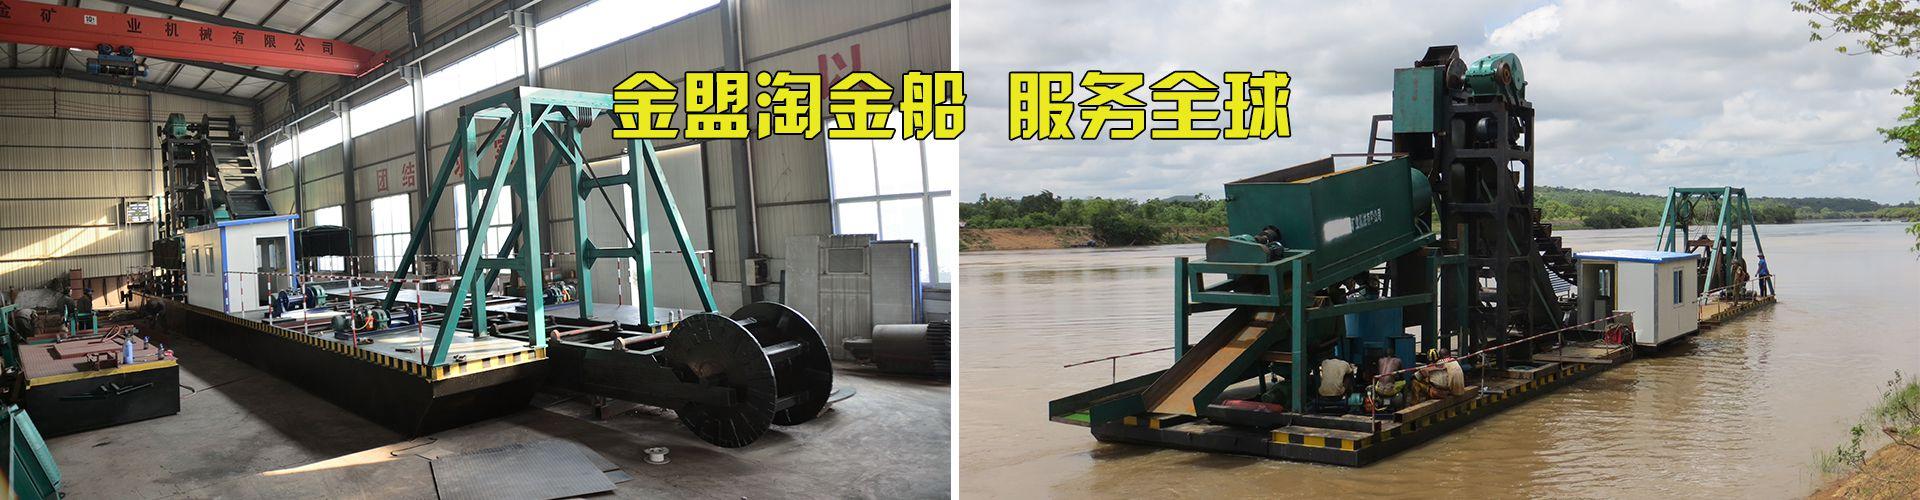 潍坊金盟沙矿机械有限公司